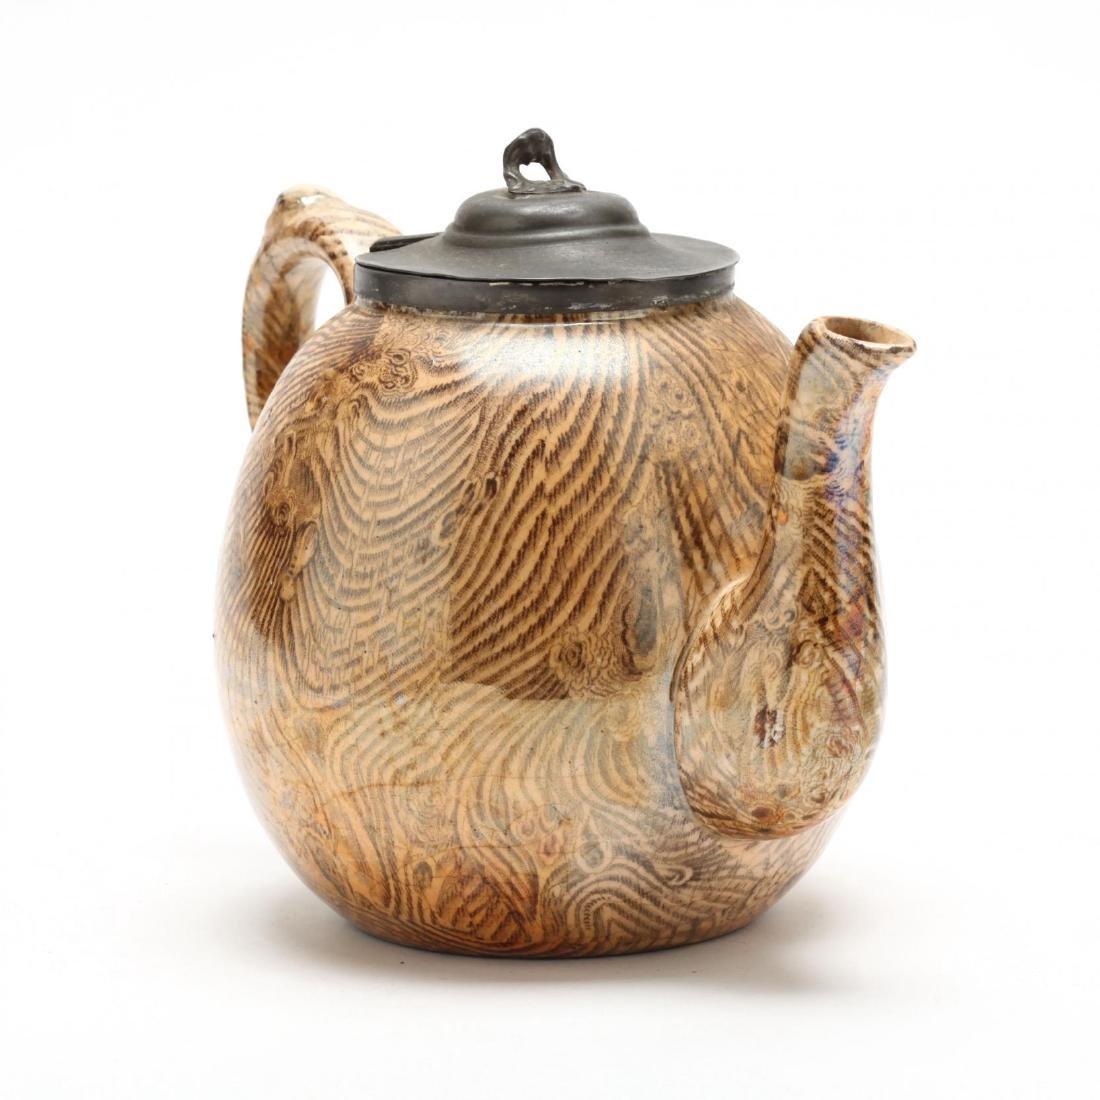 An Antique Faux Bois Staffordshire Teapot